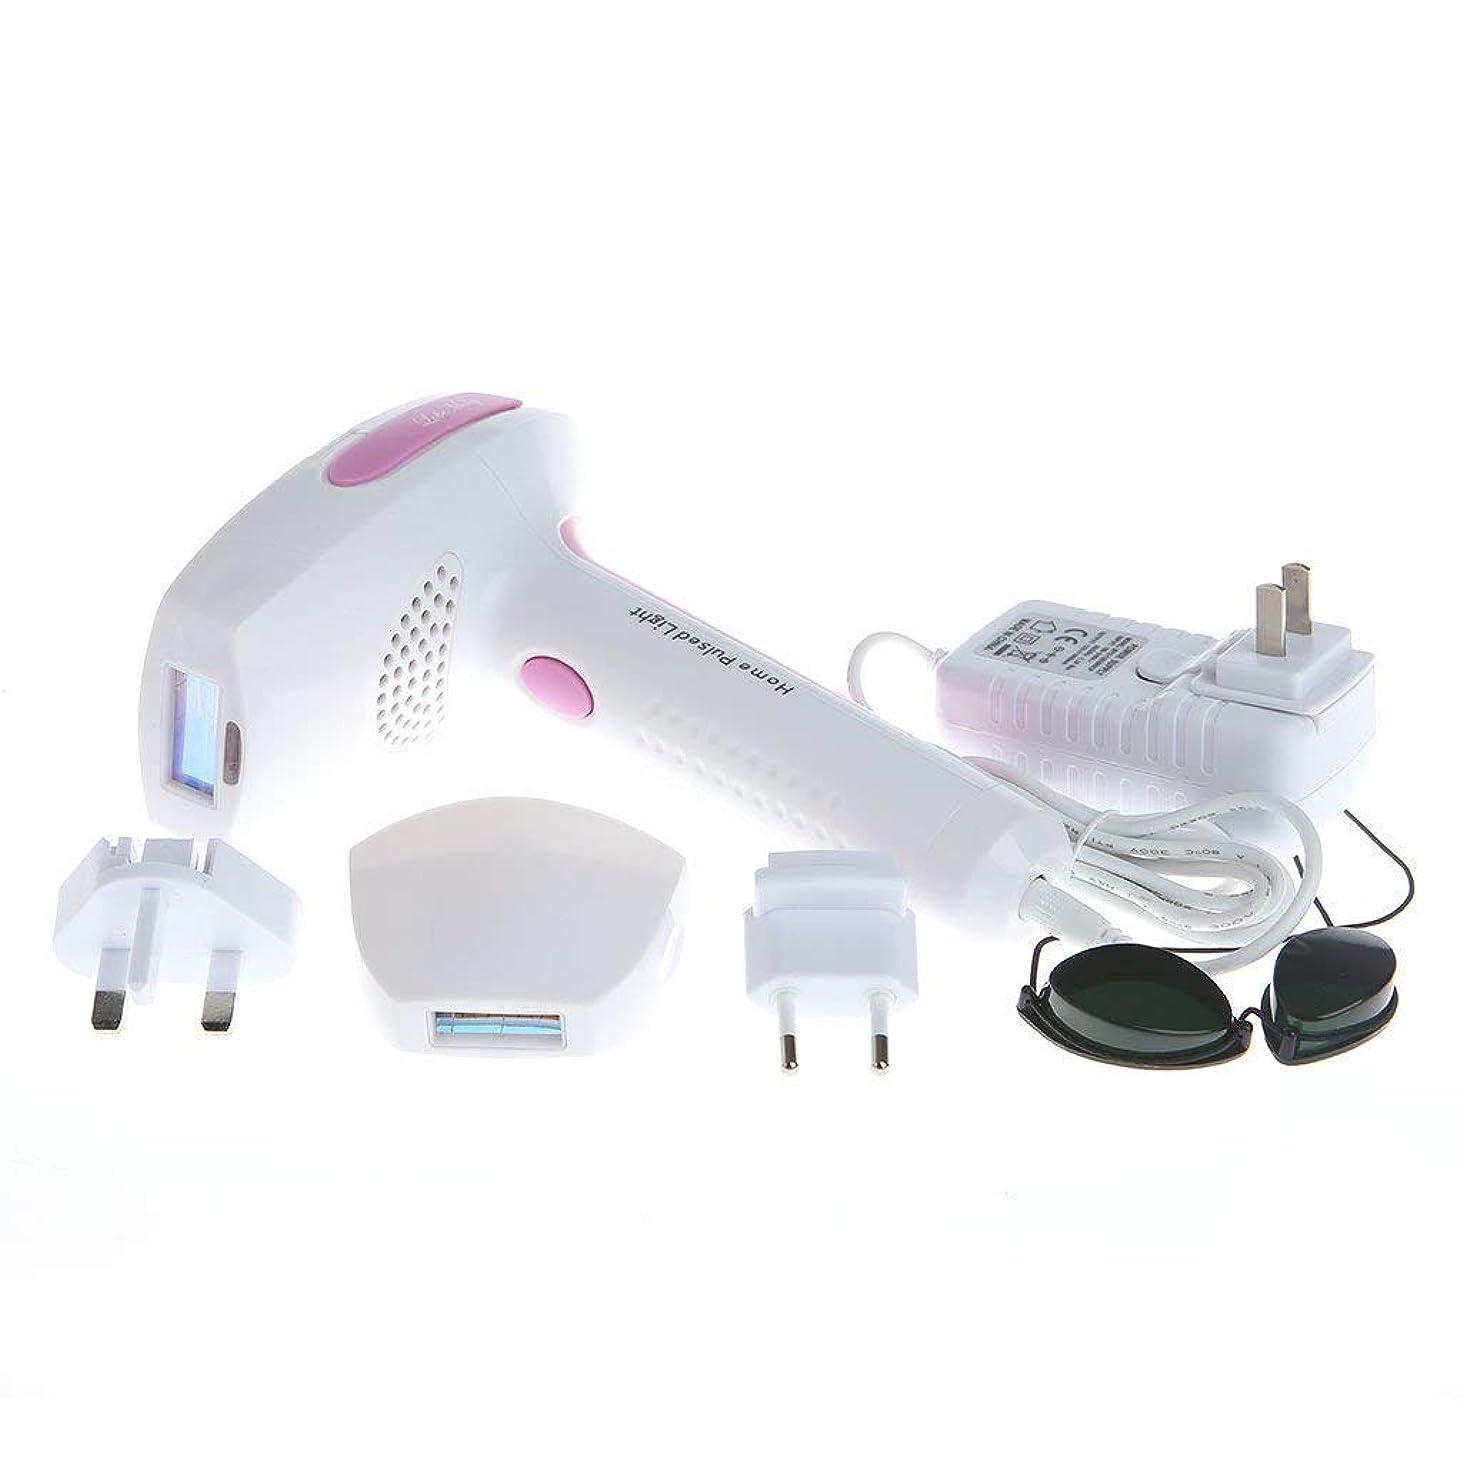 候補者うがい薬正義[AISme ] [AISme 920 Depilator IPL Permanent Hair Removal Machine Painless Face Body Shaving Epilator Kit (Pink) ] (並行輸入品)